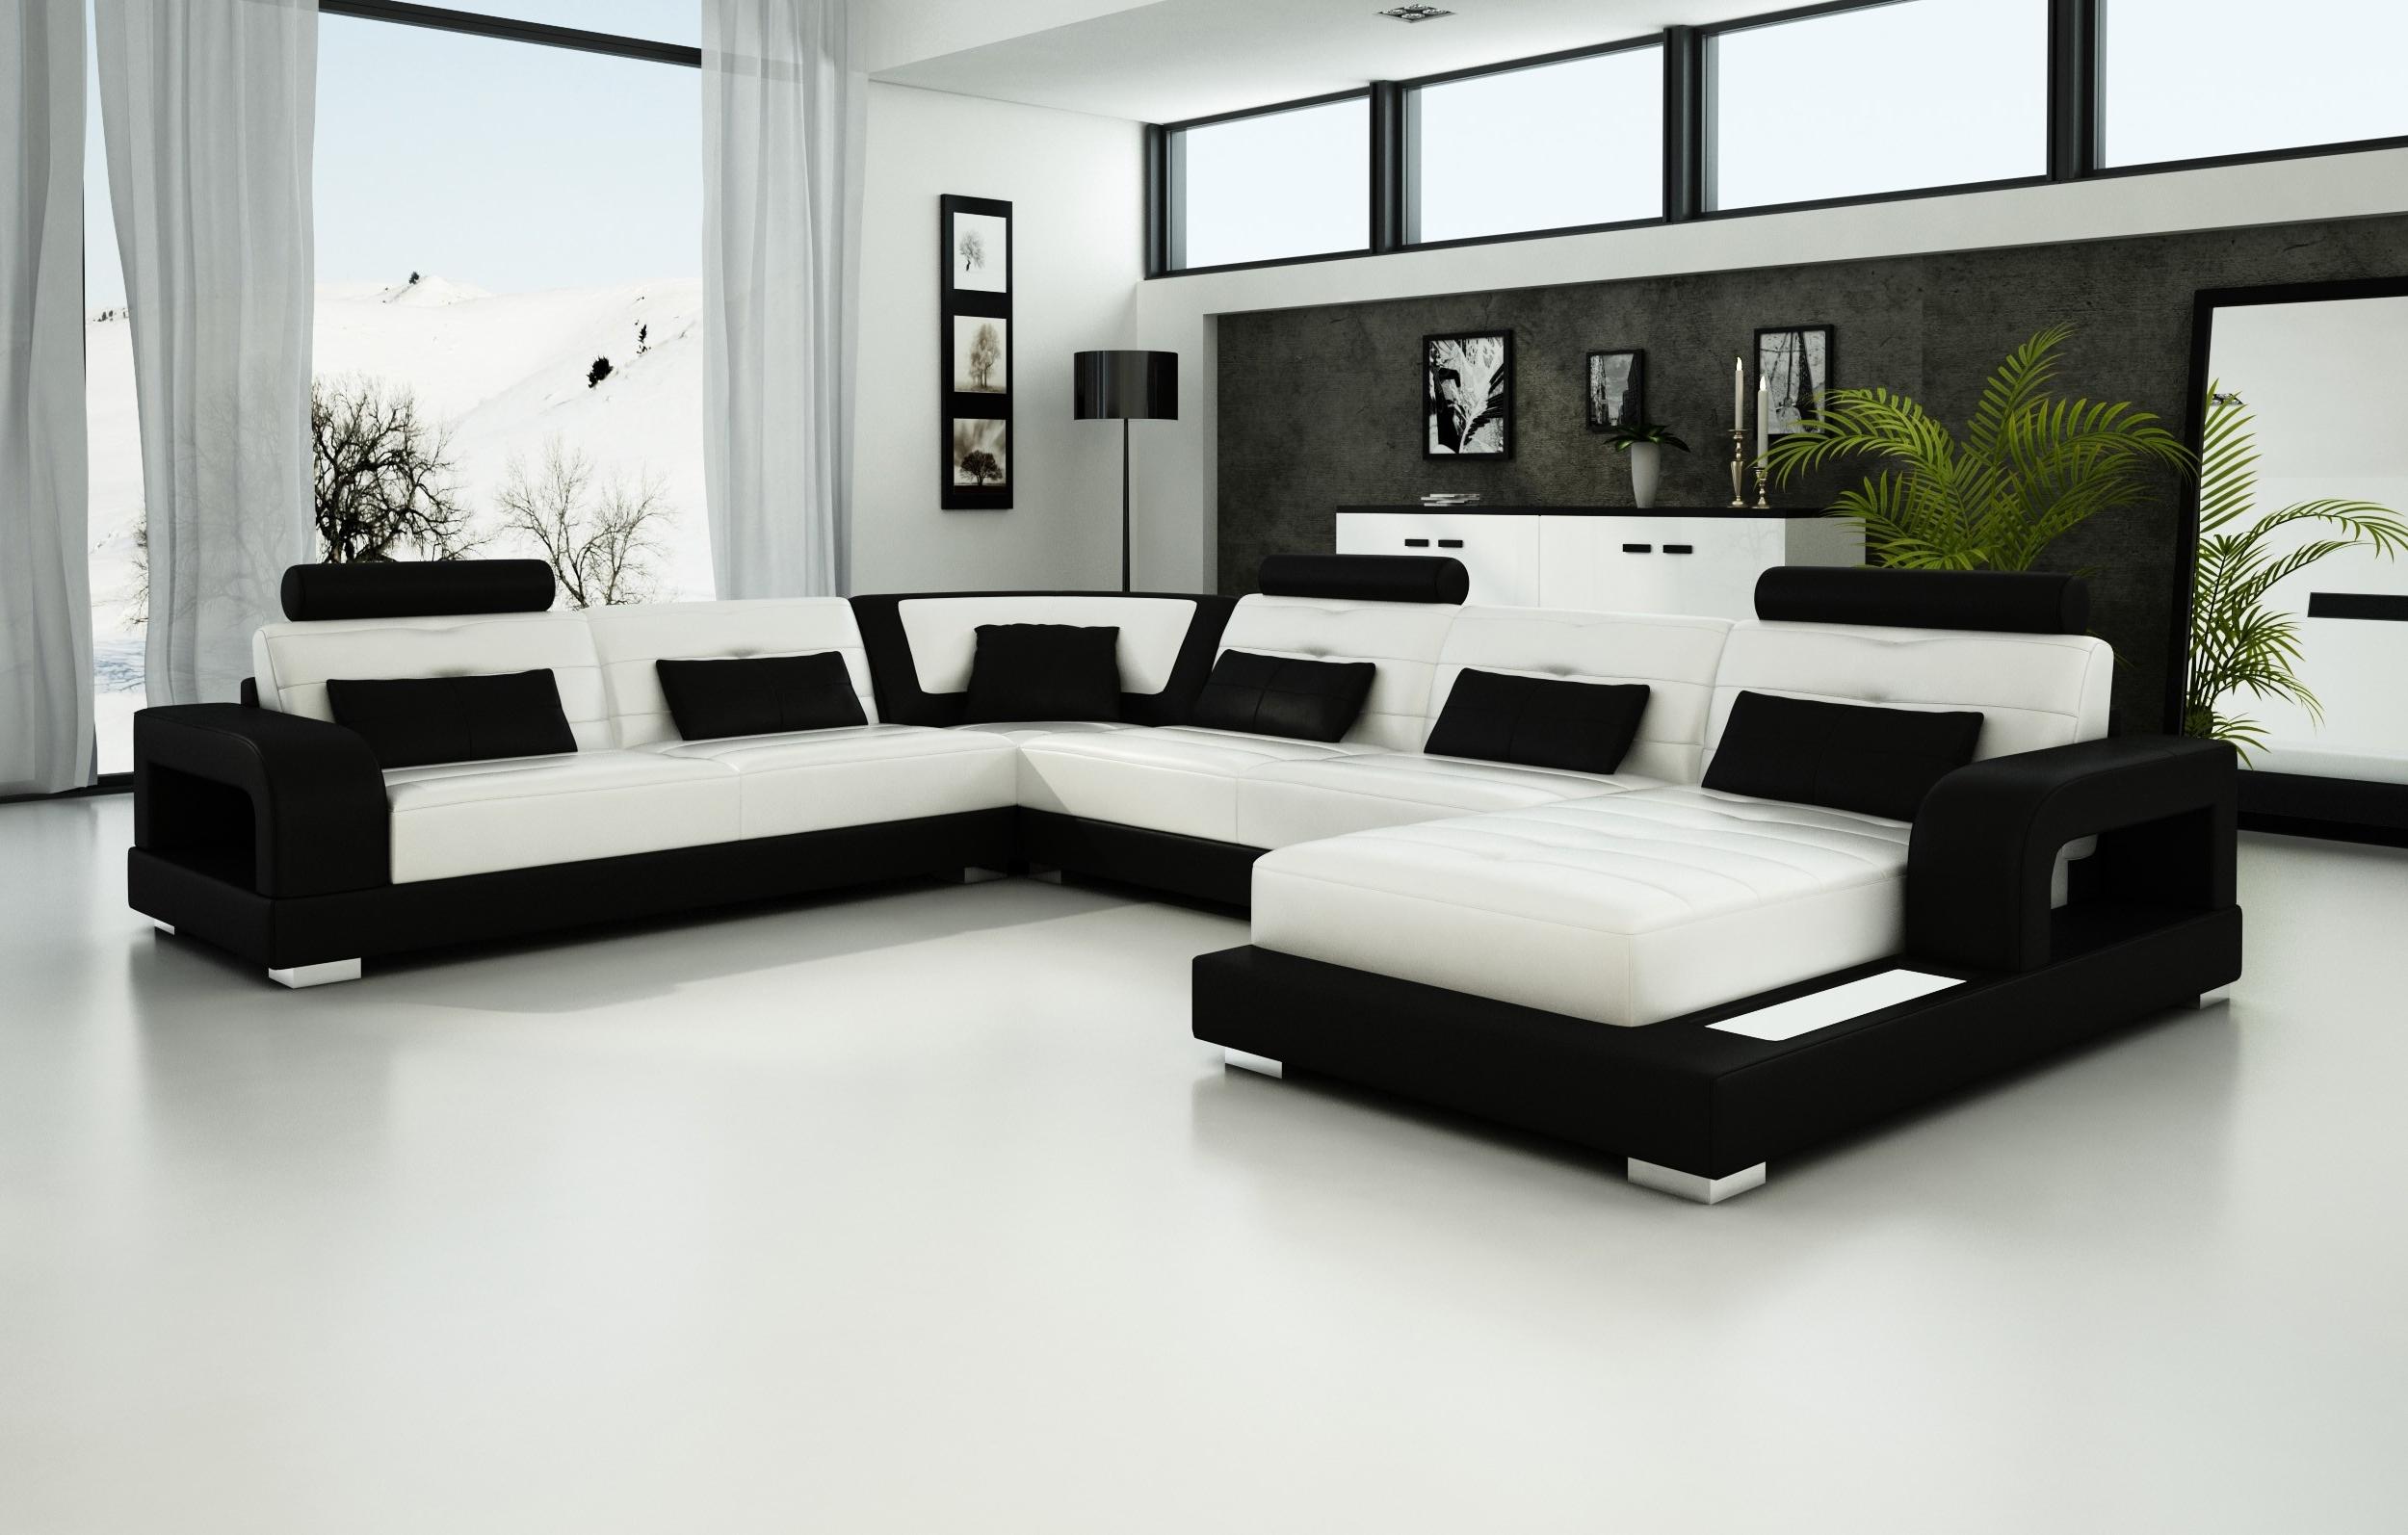 Olympian Sofas Pesaro White Black Leather Sofa – Sectional Sofas Within 2019 Trinidad And Tobago Sectional Sofas (View 11 of 20)